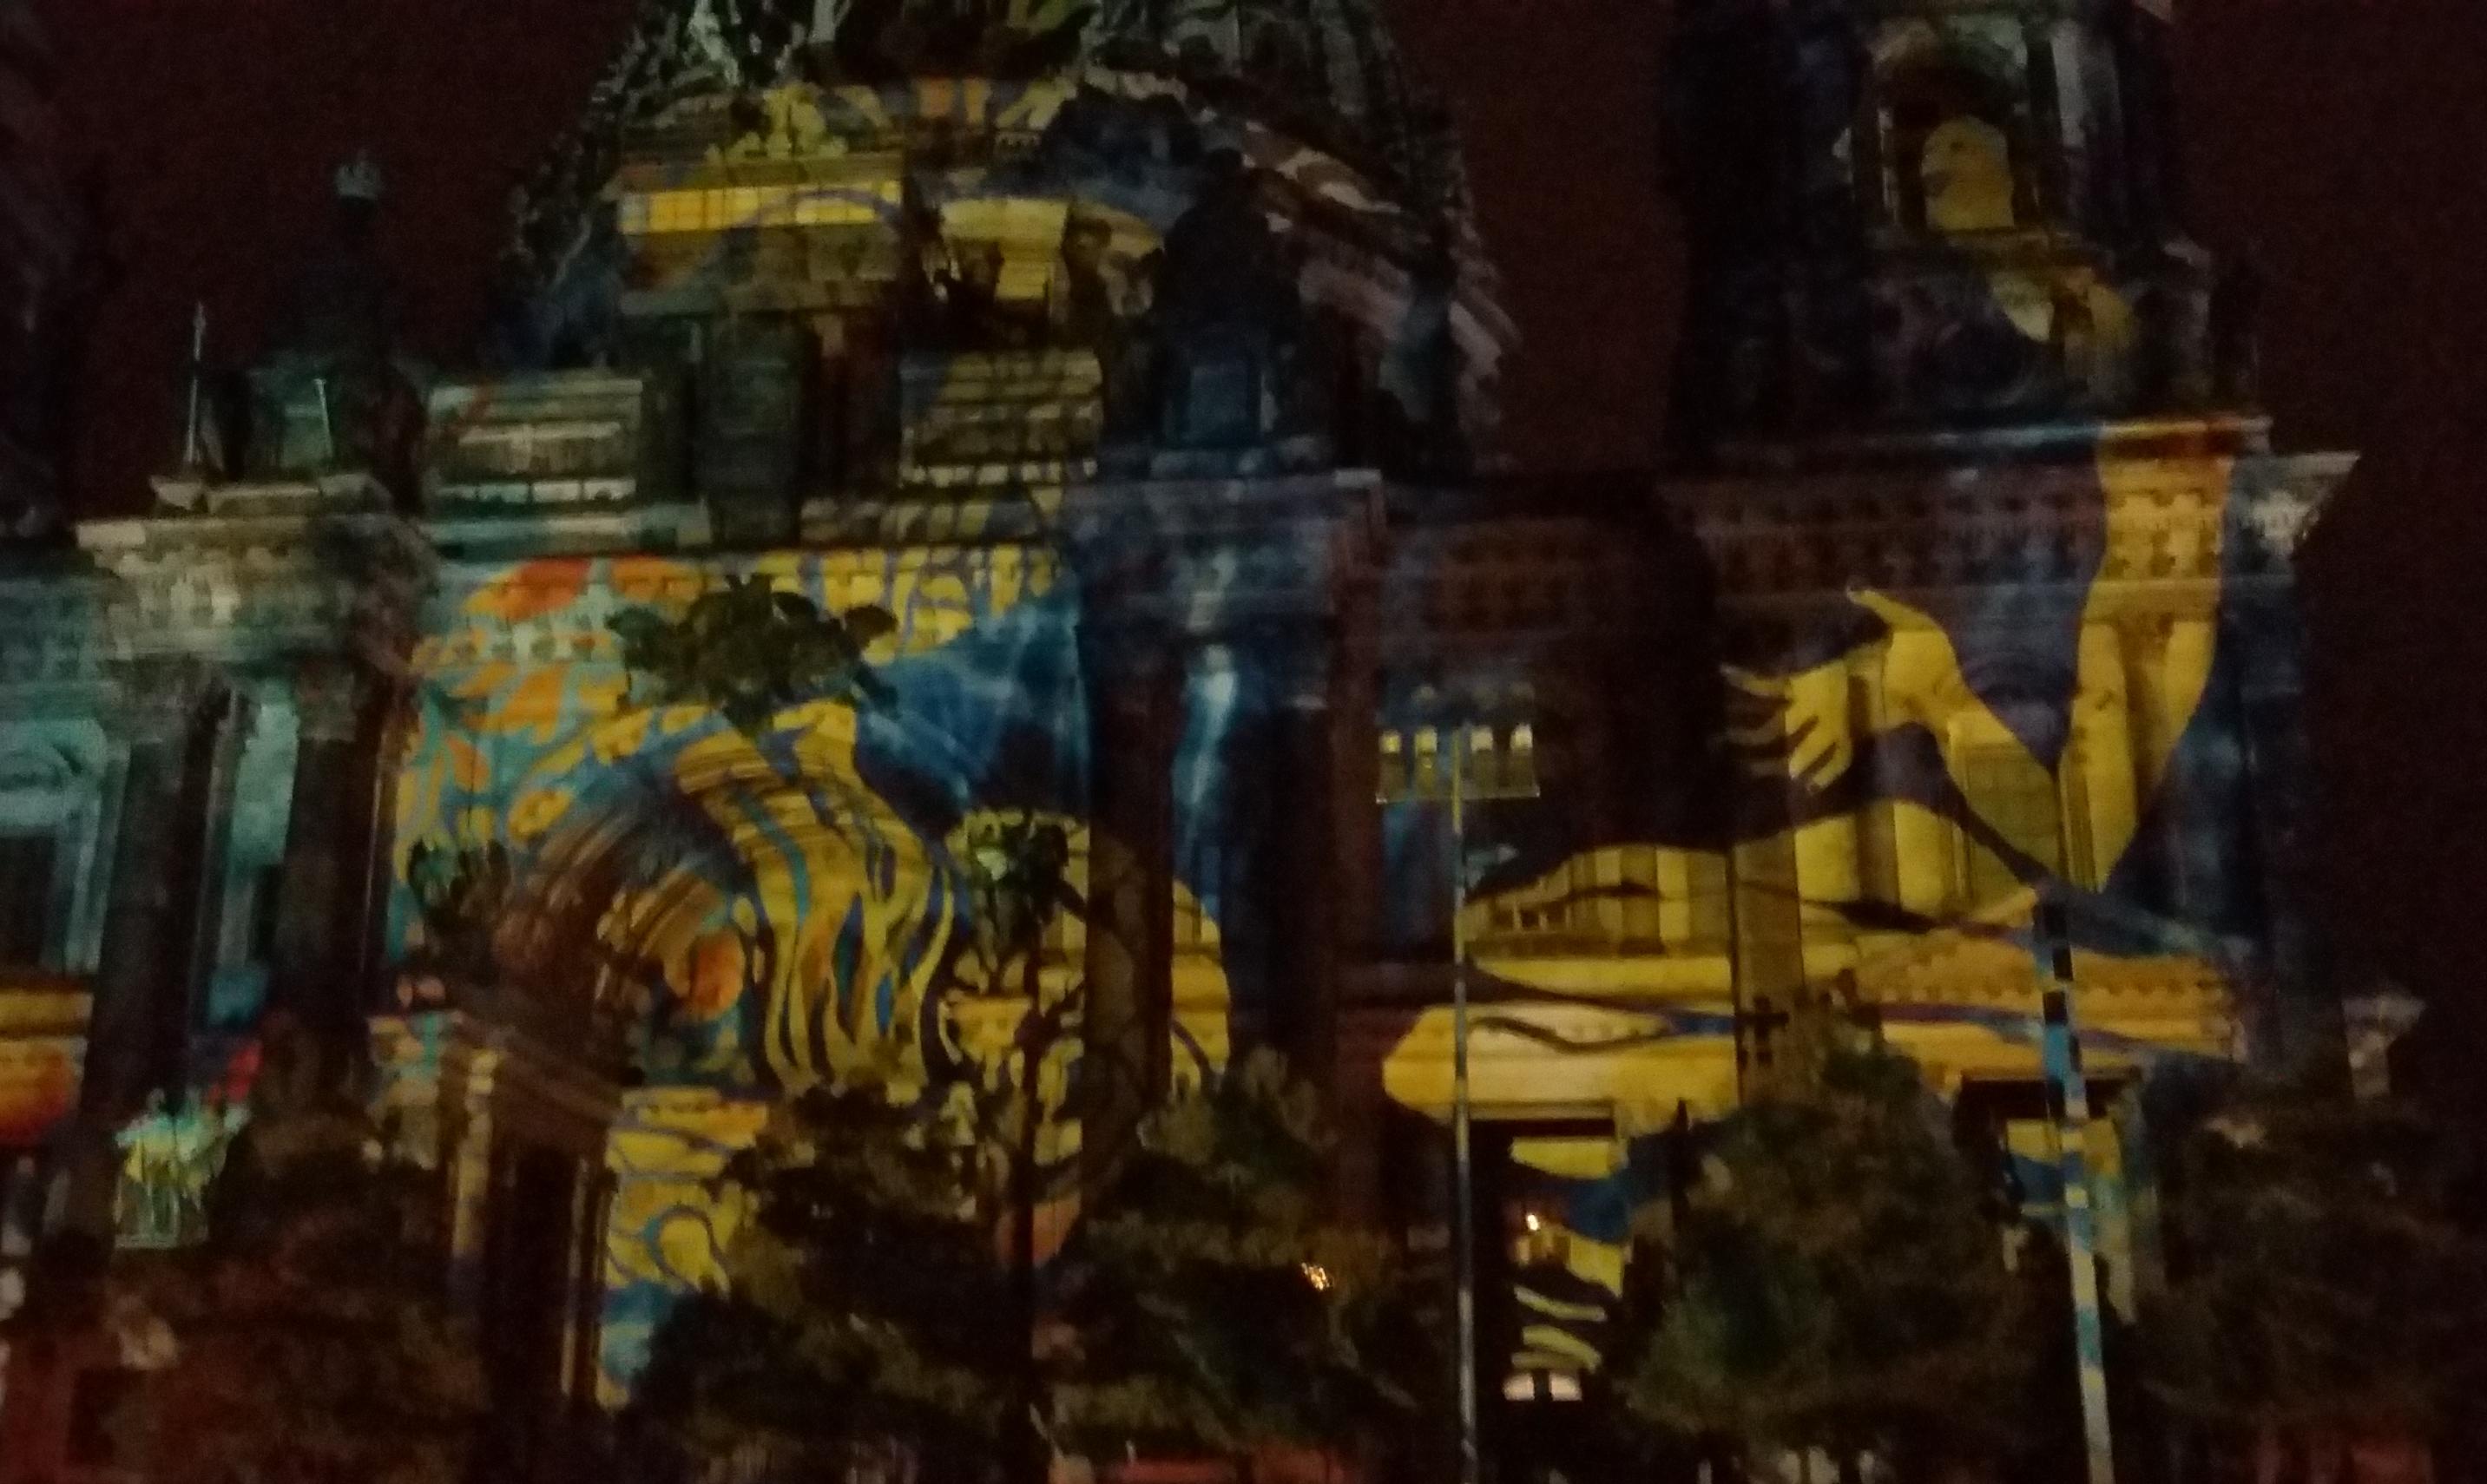 Berlin leuchetet 2016 - Berliner Dom